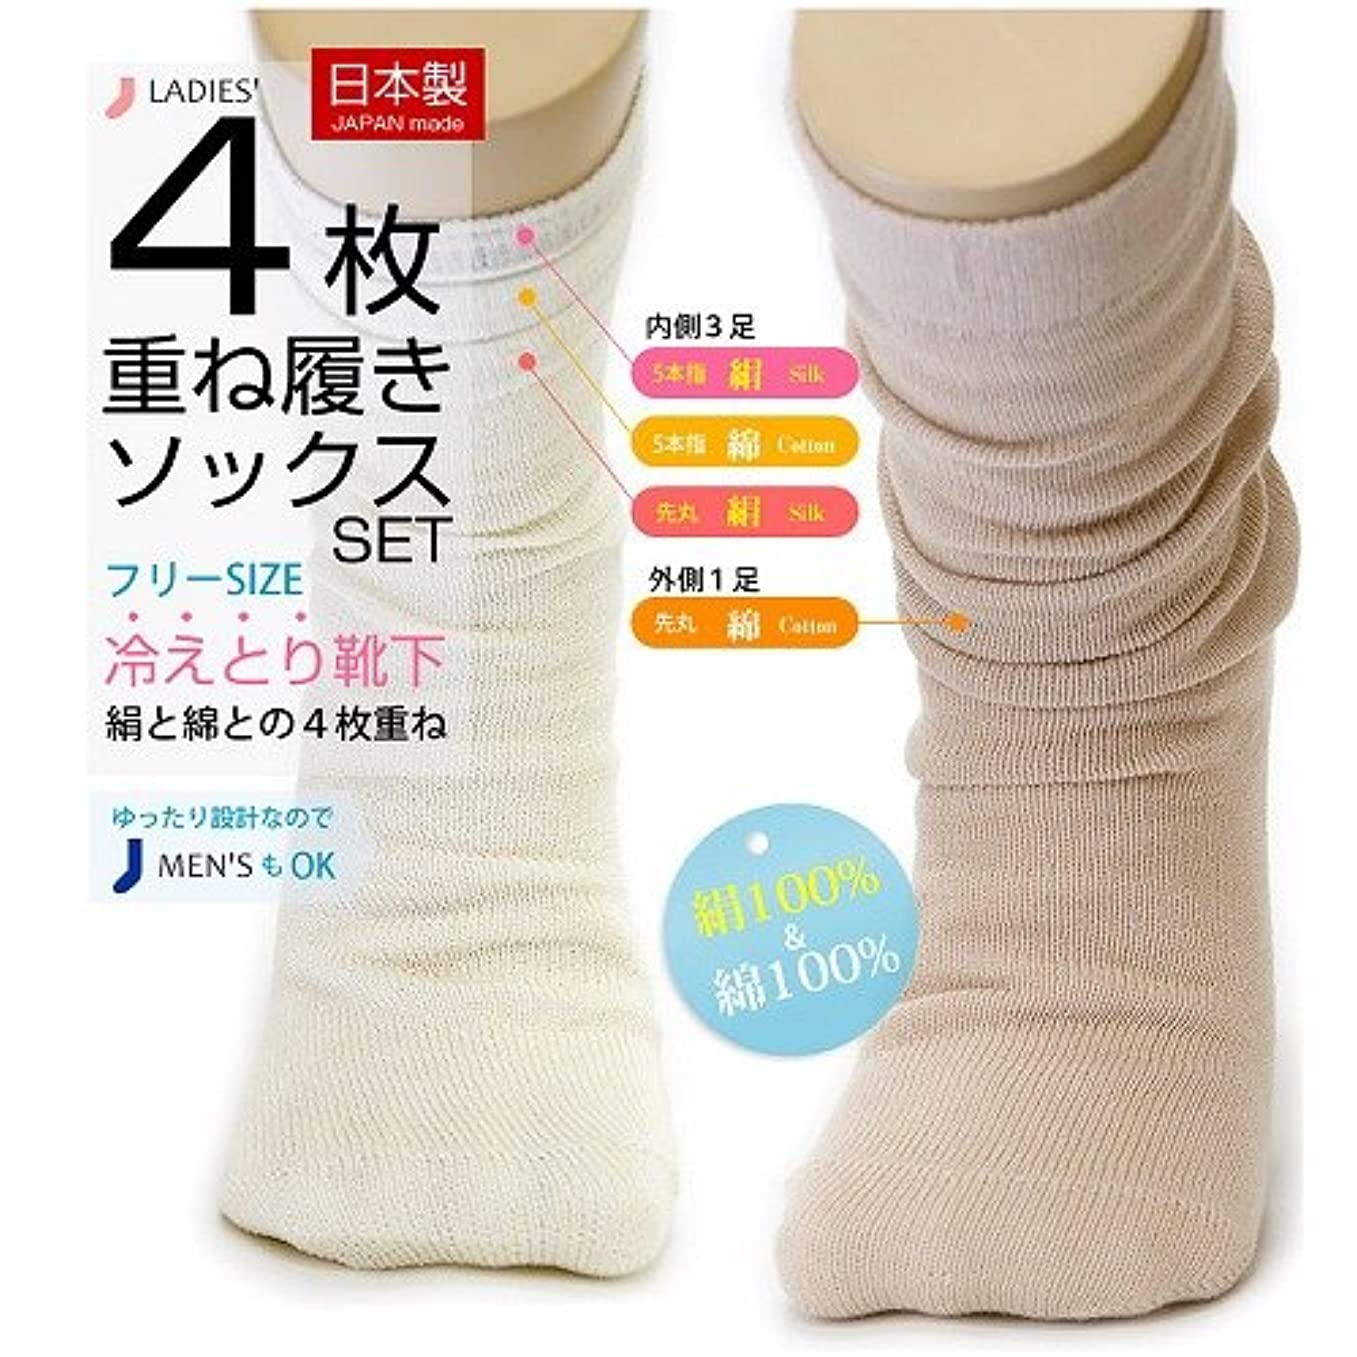 状羨望隣接する冷え取り靴下 綿100%とシルク100% 最高級の日本製 4枚重ねばきセット(外側ライトグレー)